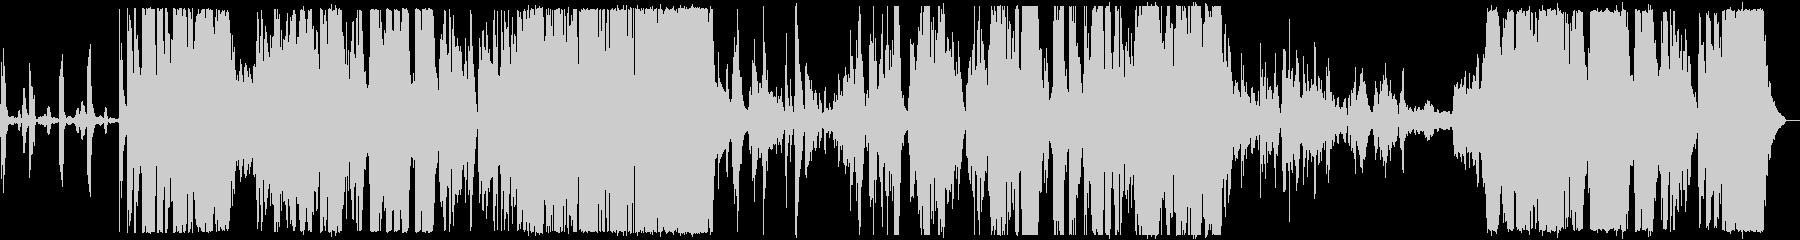 北アフリカのムーア人のチェロのソロ...の未再生の波形